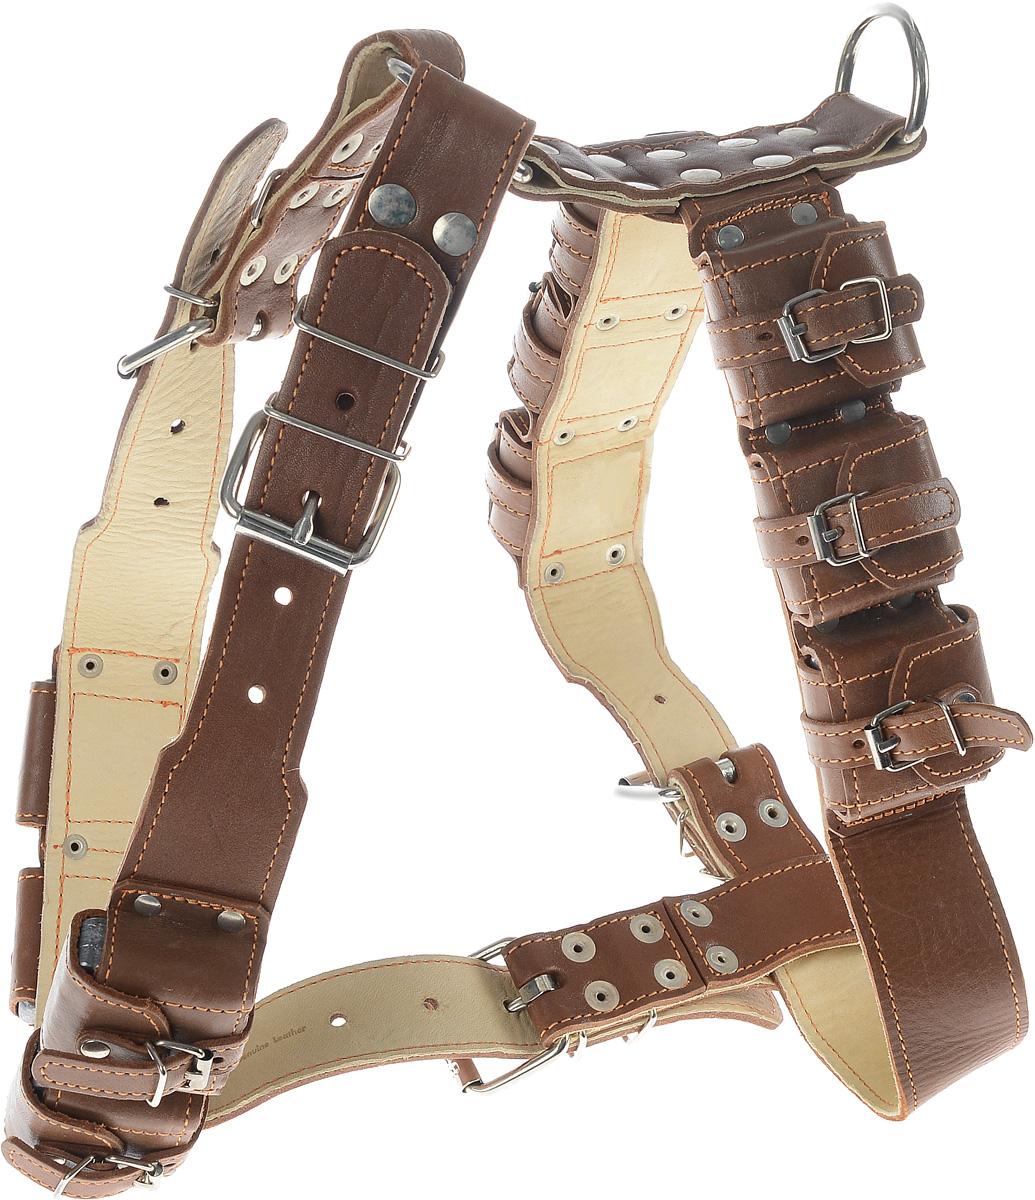 Шлея для собак CoLLaR, с утяжелителями, цвет: коричневый, бежевый, ширина 4,5 см, обхват груди 77-87 см06586_коричневый, бежевыйШлея CoLLaR, выполненная из натуральной кожи, оснащена утяжелителями и может использоваться при выгуле или дрессировке бойцовых и служебных собак крупных пород при нехватке нагрузки и недостаточной мышечной массе. Нагрузку можно регулировать путем изъятия грузиков из расстегивающихся карманов. Крепкие металлические элементы делают ее надежной и долговечной. Размер регулируется при помощи пряжки. Шлея для собак CoLLaR отличается высоким качеством, удобством и универсальностью. Обхват груди: 77-87 см. Обхват шеи: 64-83 см. Ширина шлеи: 4,5 см. Количество грузиков: 10. Вес грузика: 450 г.